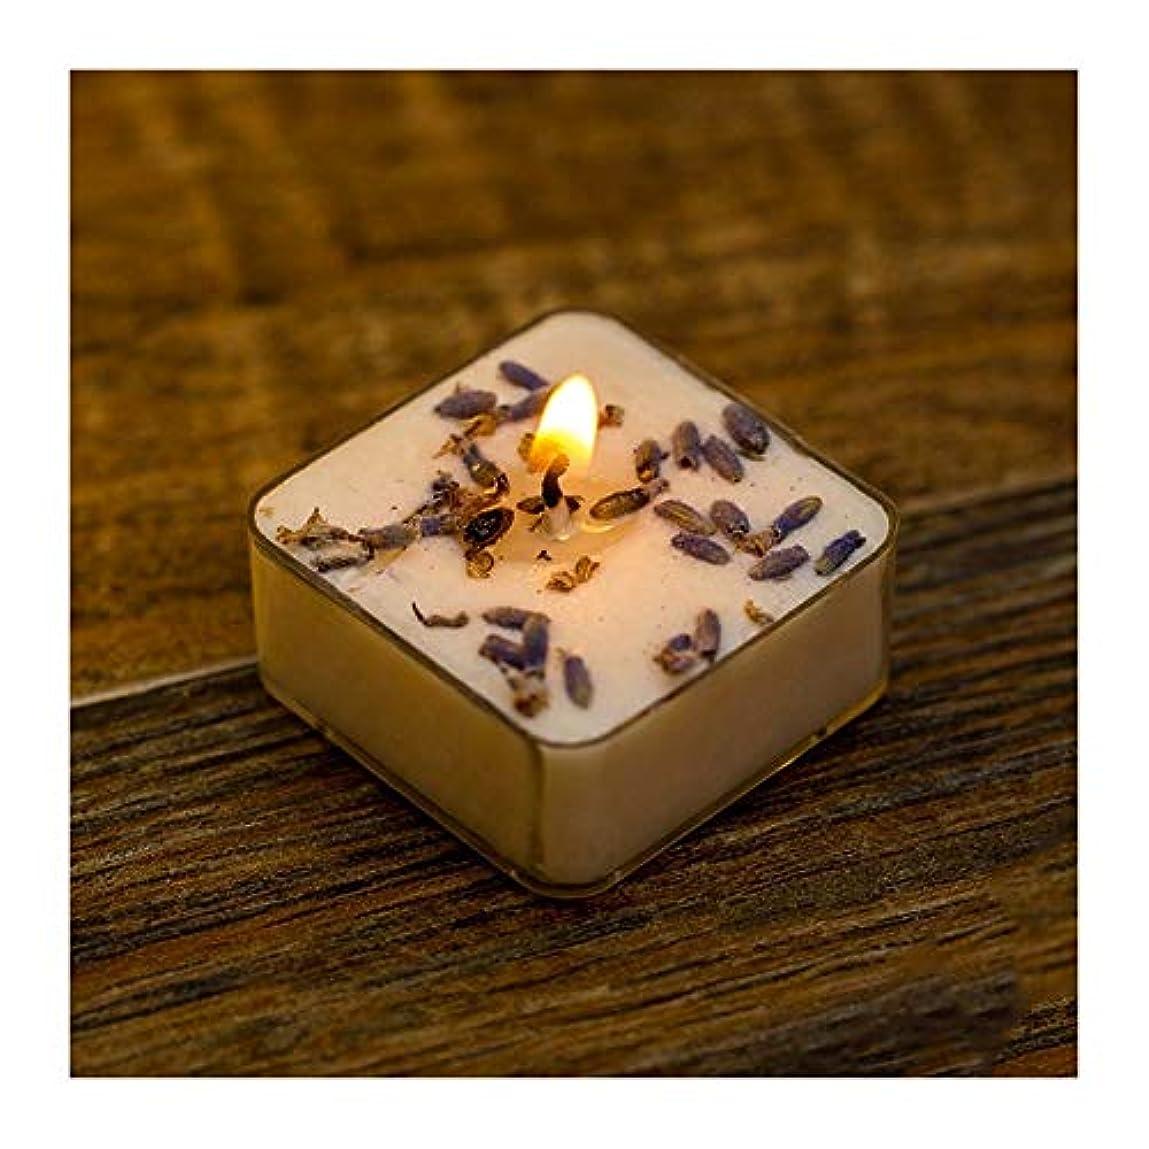 起きる見つけるカプセルGuomao 無煙アロマキャンドル手作りのカスタムロマンチックな結婚誕生日の雰囲気のラベンダーフレーバーキャンドル (色 : Green tea)